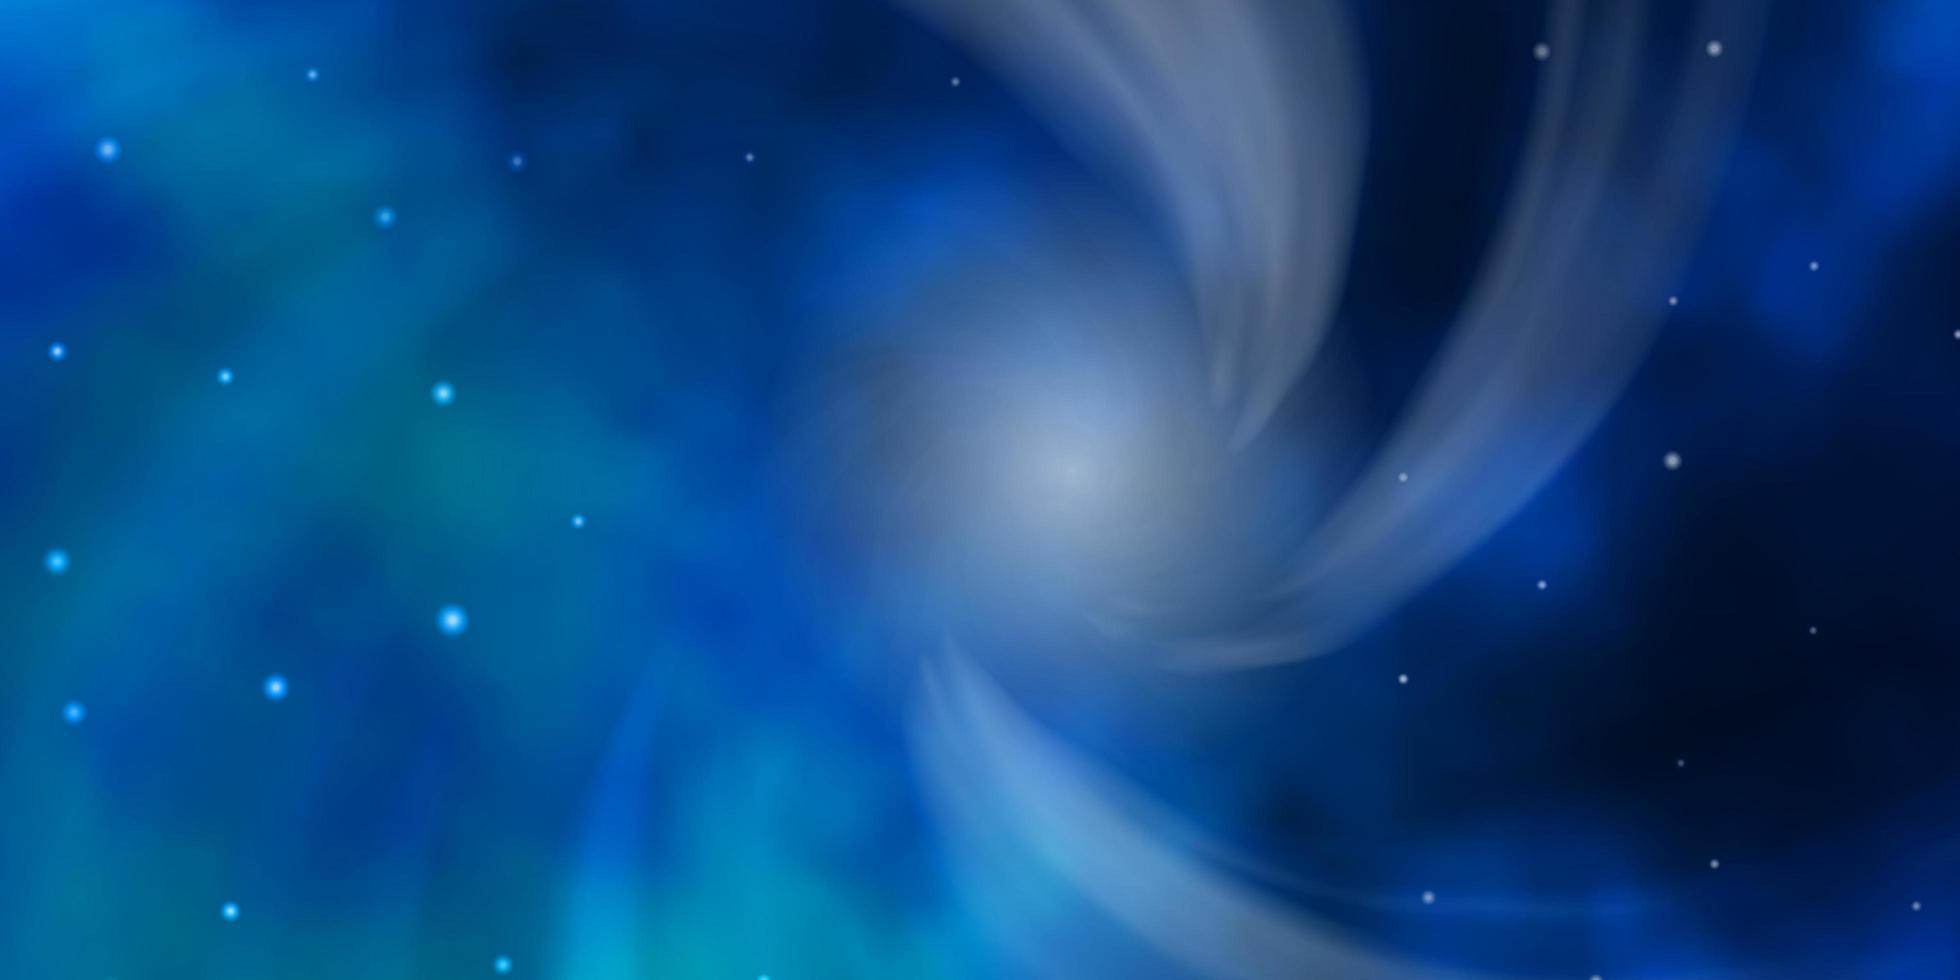 dunkelblaue Textur mit schönen Sternen. vektor